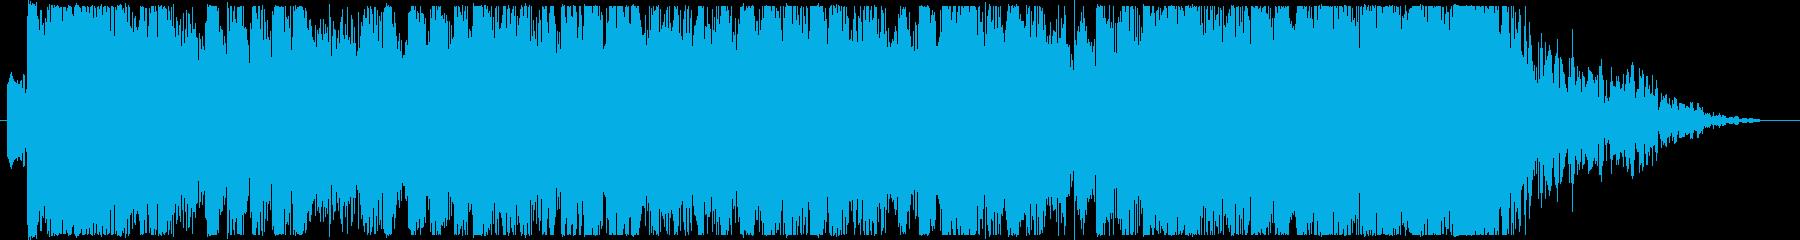 ジングル - 雨上がりの空の再生済みの波形